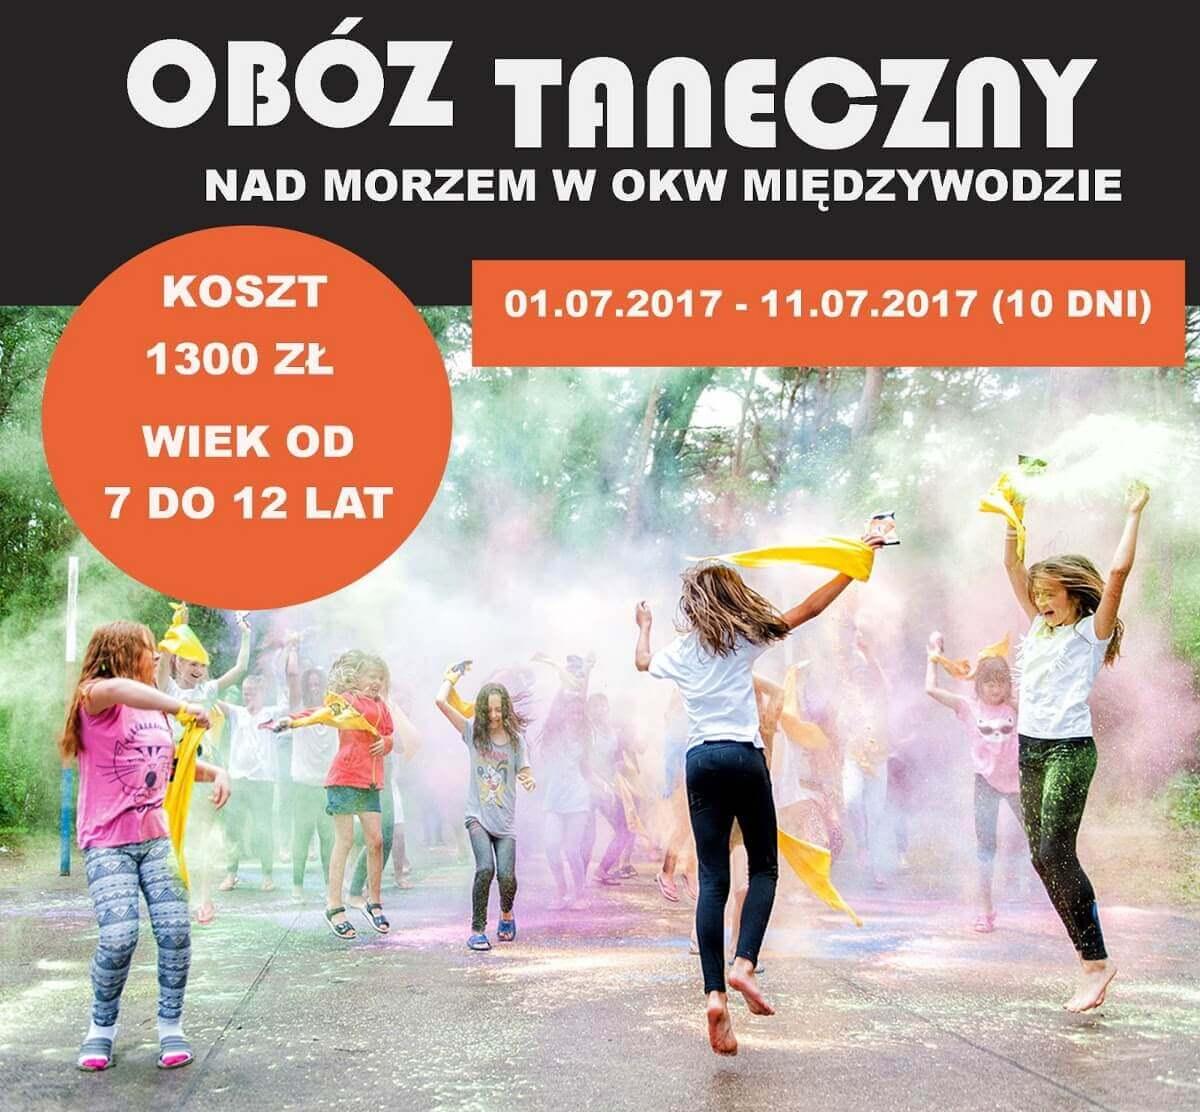 Obóz taneczny wOKW Międzywodzie NadMorzem